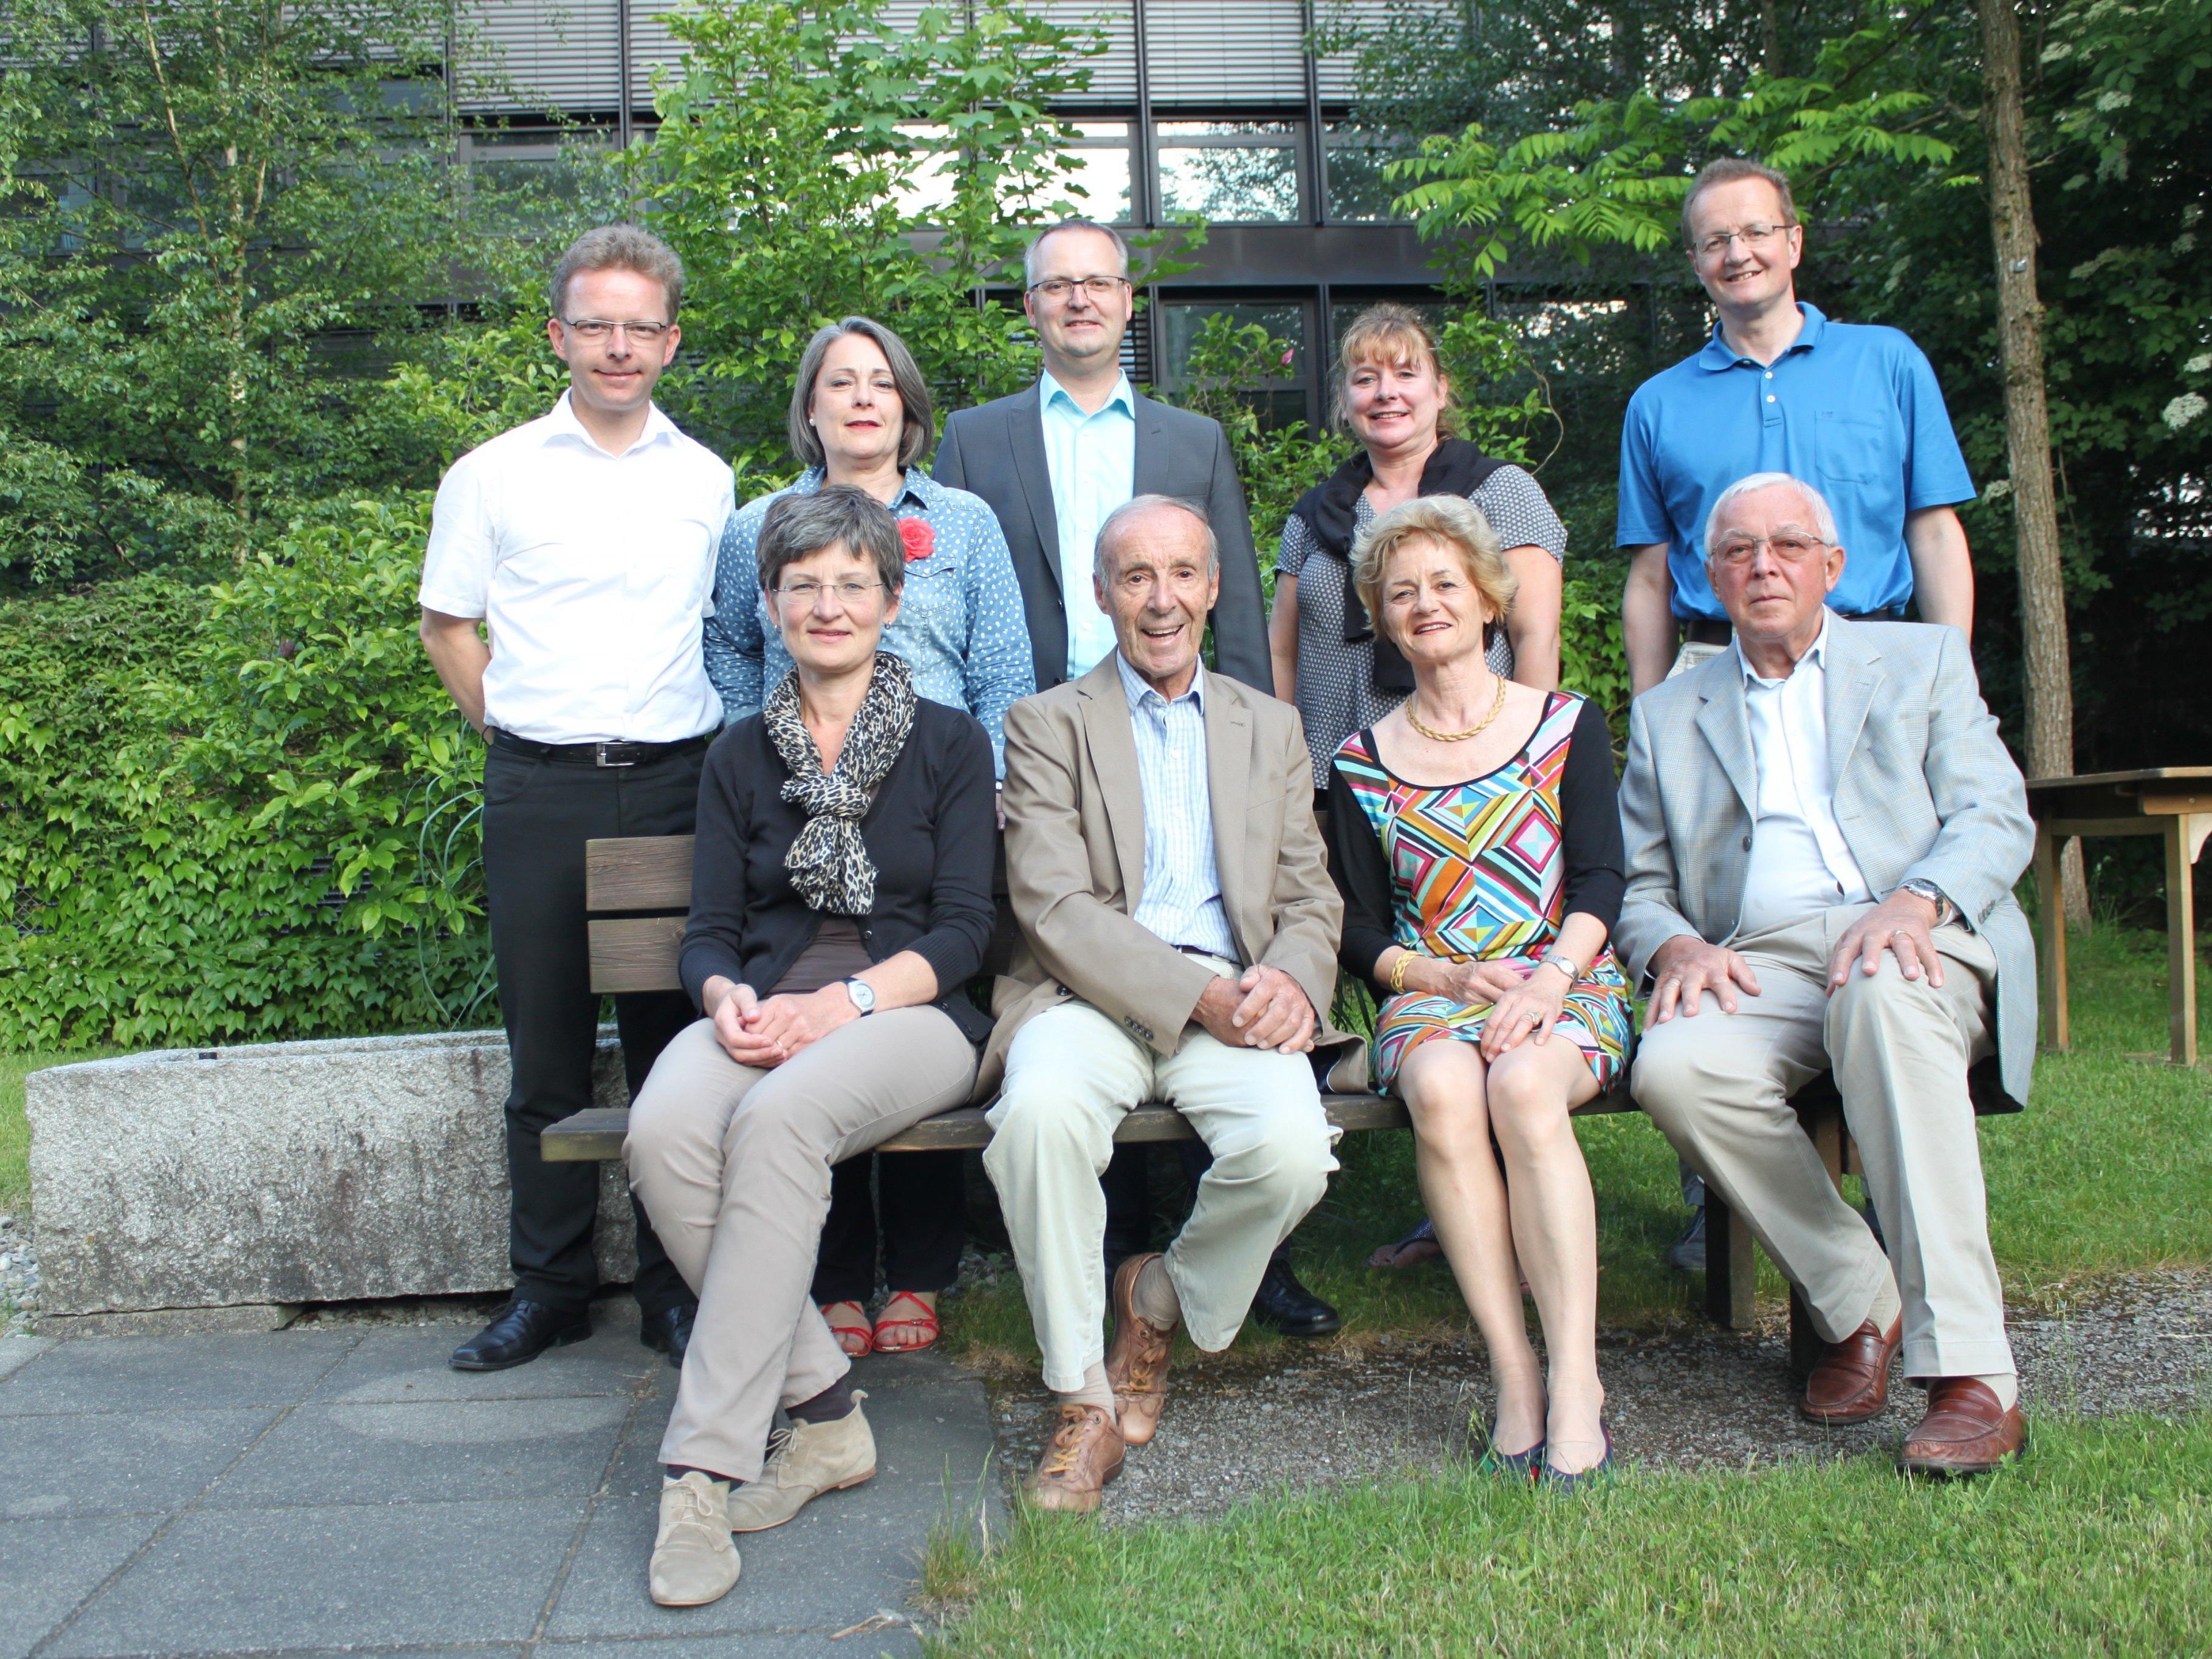 Der Vorstand des Krankenpflegevereins Feldkirch-Levis-Tisis.